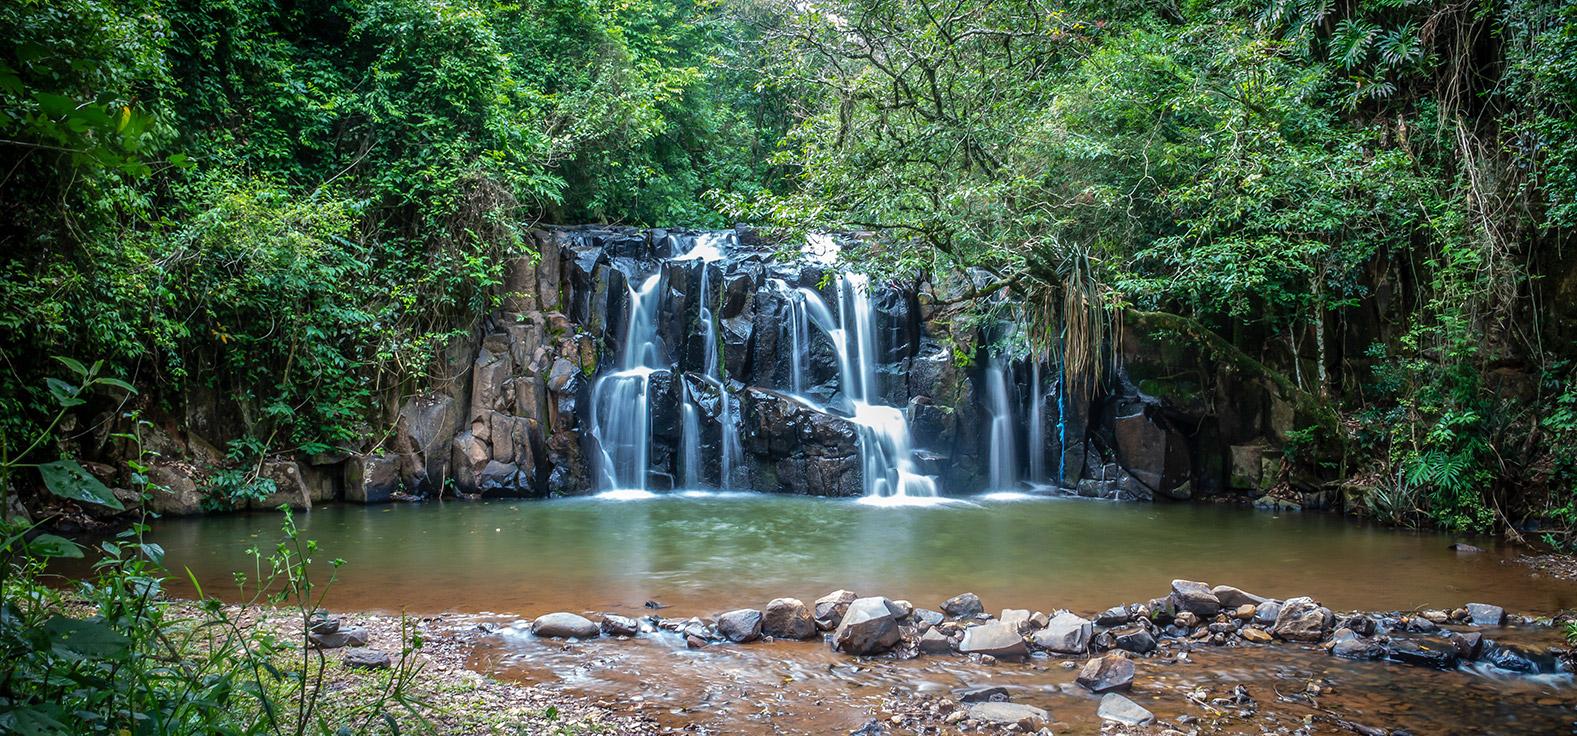 Camping Cachoeira do Nenê em Ipeúna | Portal Serra do Itaquerí